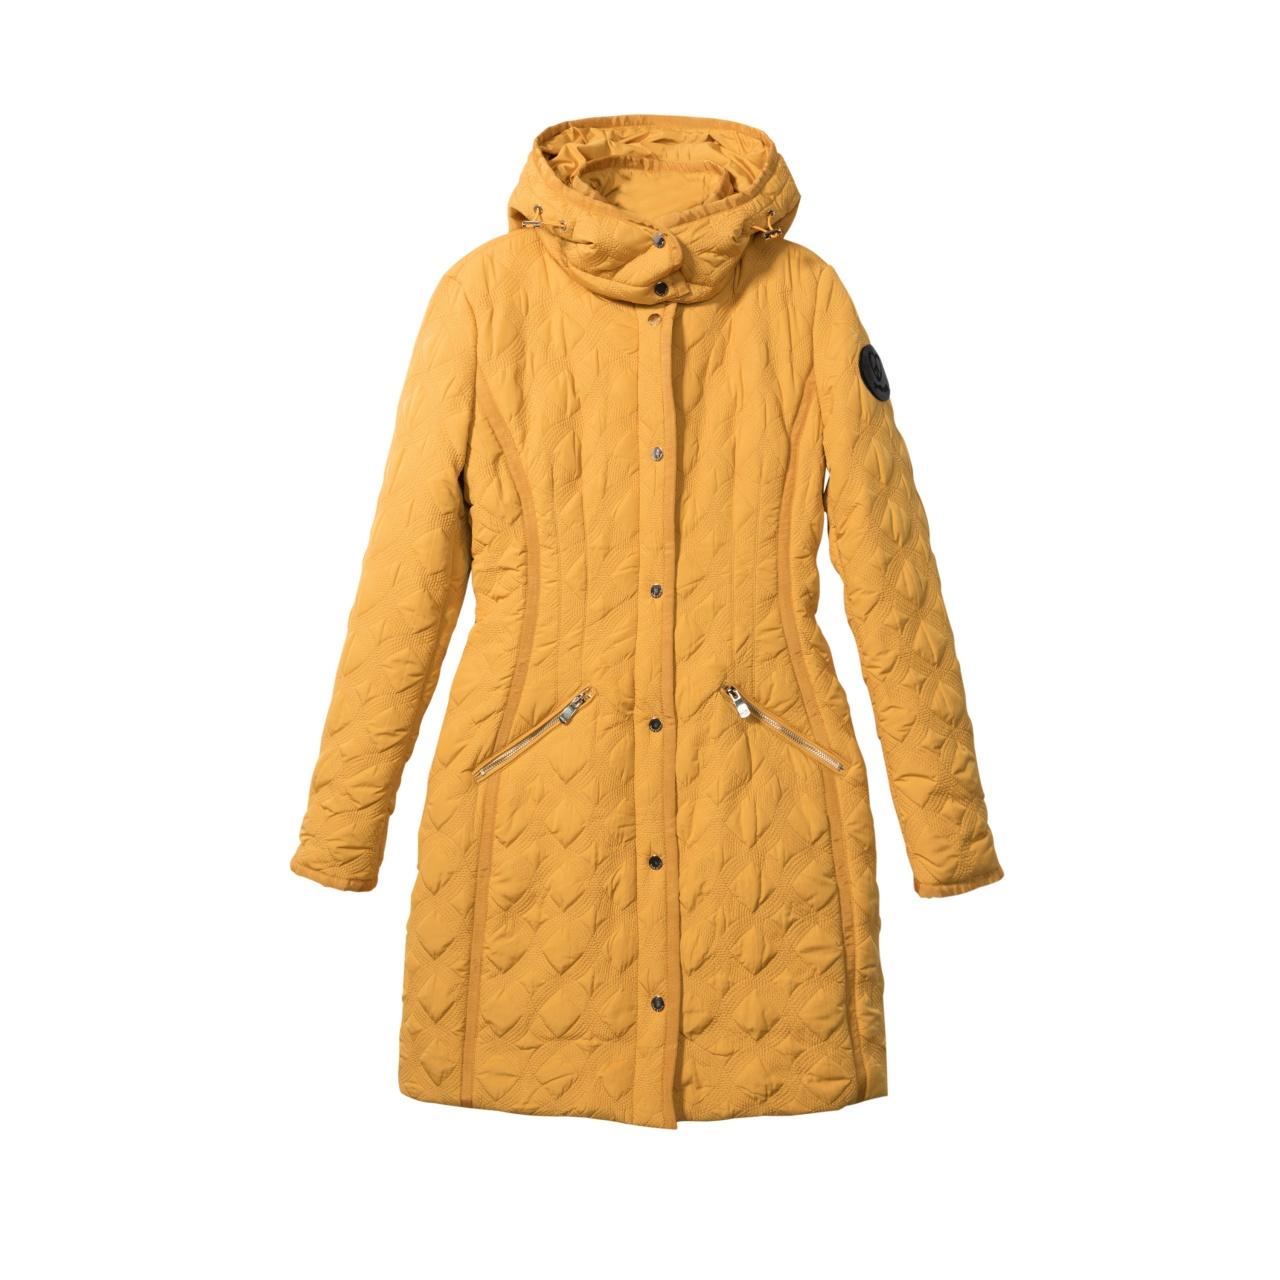 Geacă pentru femei Desigual Padded Leicester galben :: 42